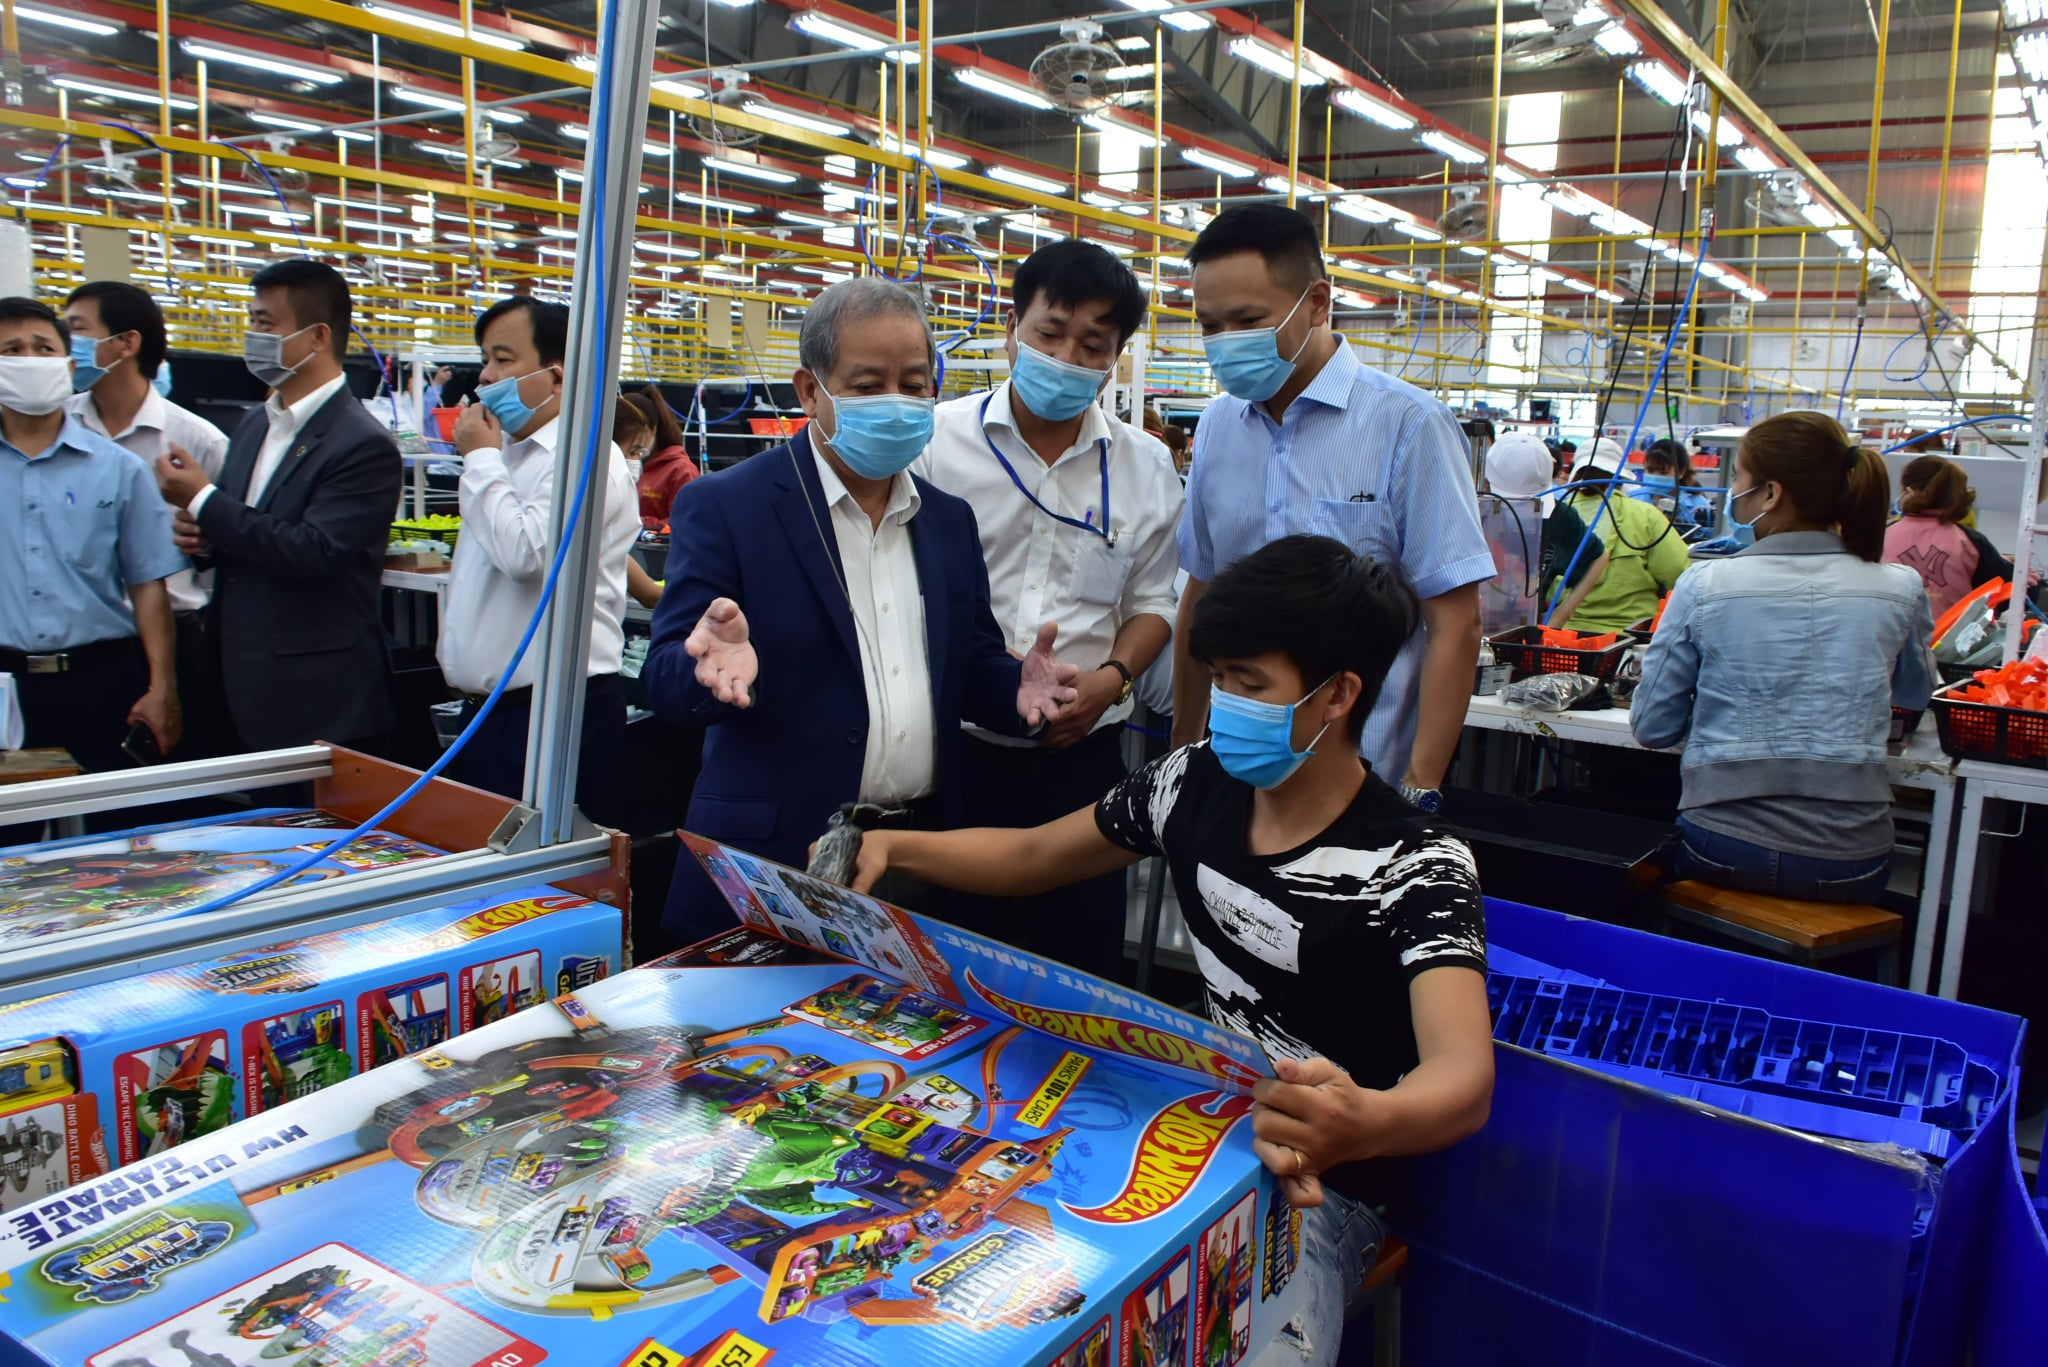 Chủ tịch UBND tỉnh Thừa Thiên Huế kiểm tra tình hình sản xuất kinh doanh và phòng chống dịch Covid-19 tại doanh nghiệp.